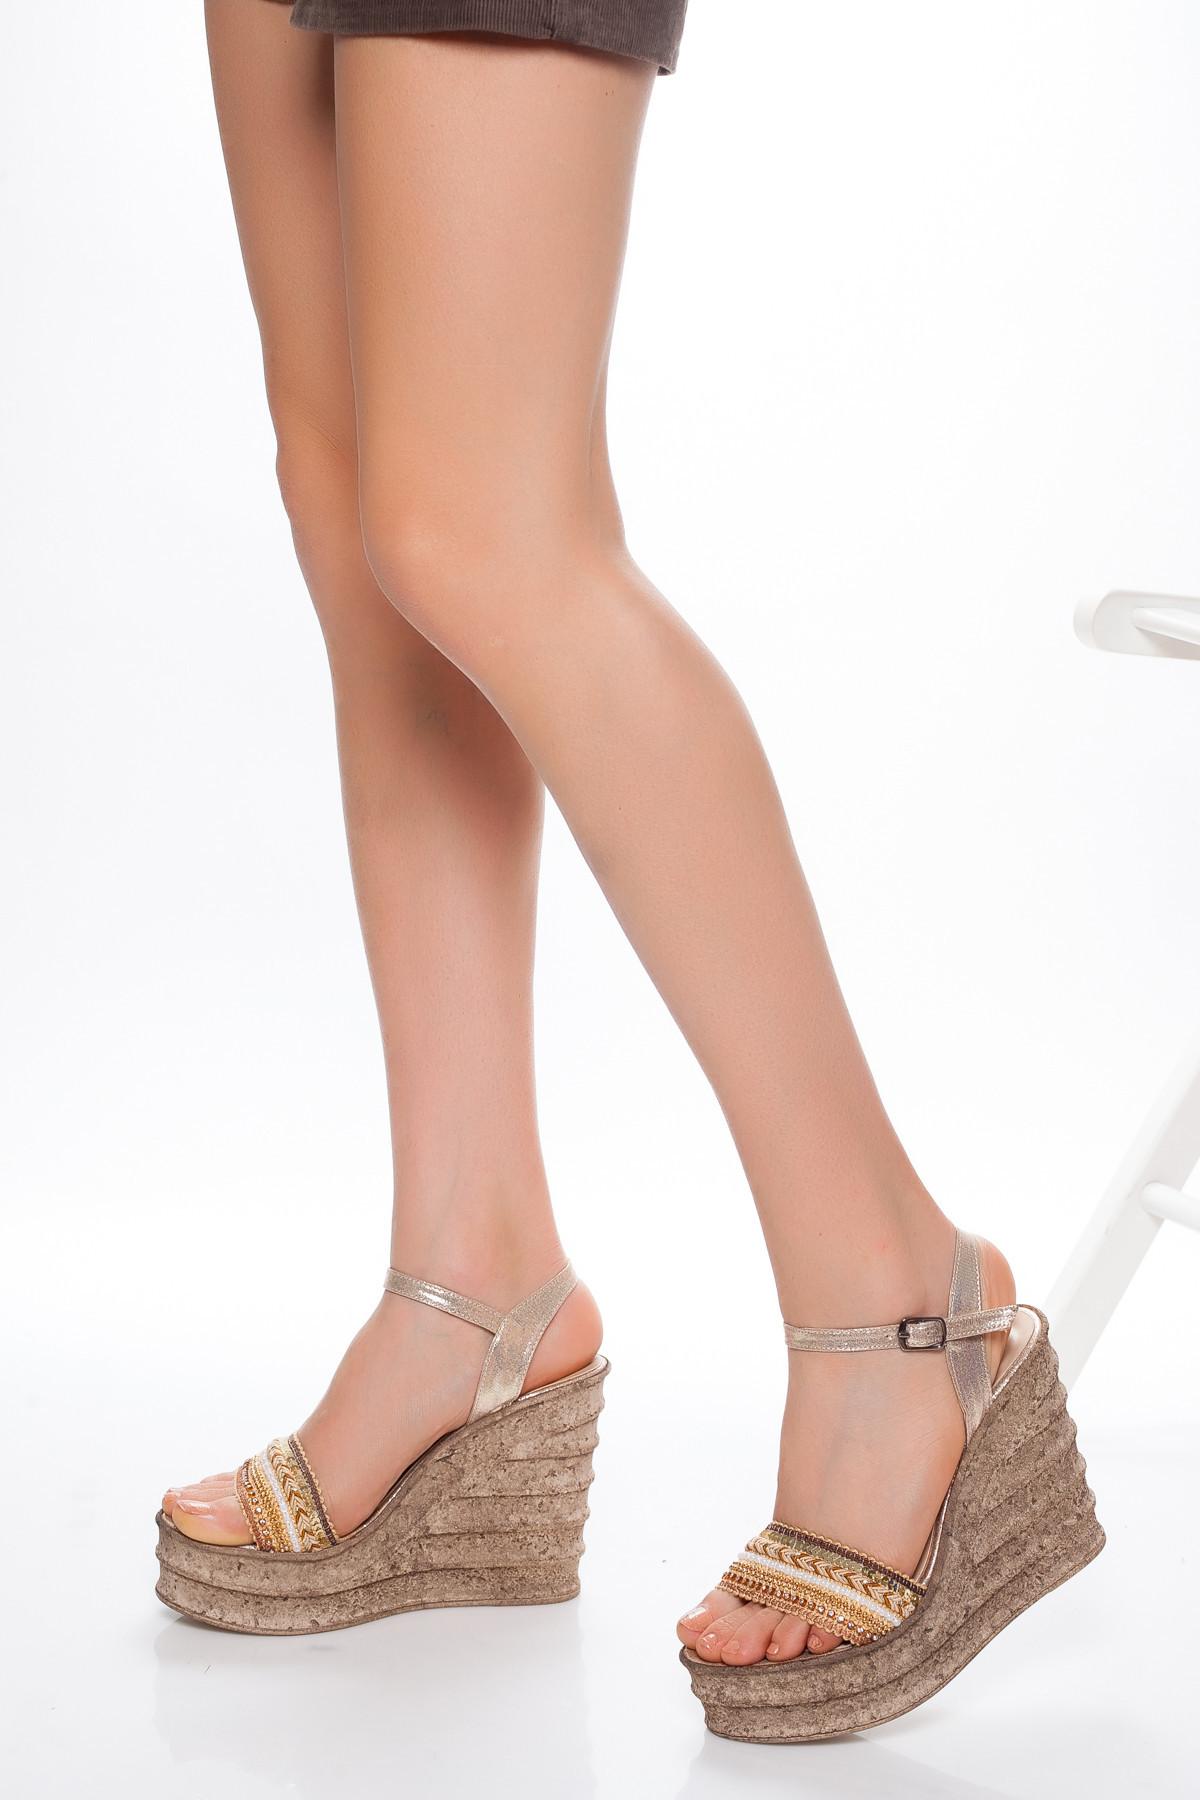 Altın Sarısı Şeritli Dolgu Topuklu Sandalet